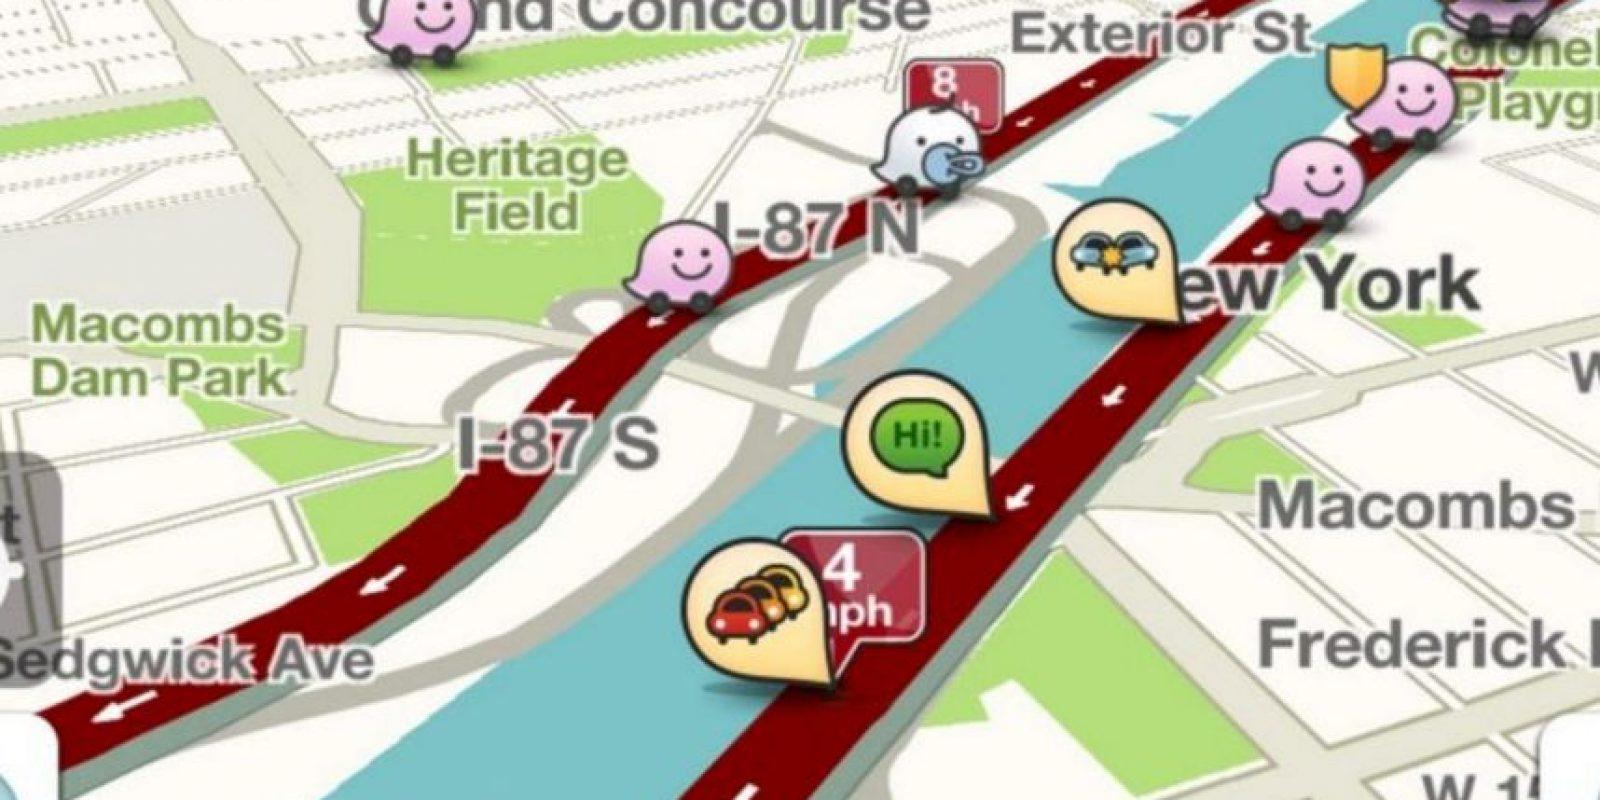 A partir de la versión 3.9.4 hay una barra de tráfico, la cual les puede decir el tiempo que estarán en un embotellamiento y su progreso en tiempo real. Foto:Waze